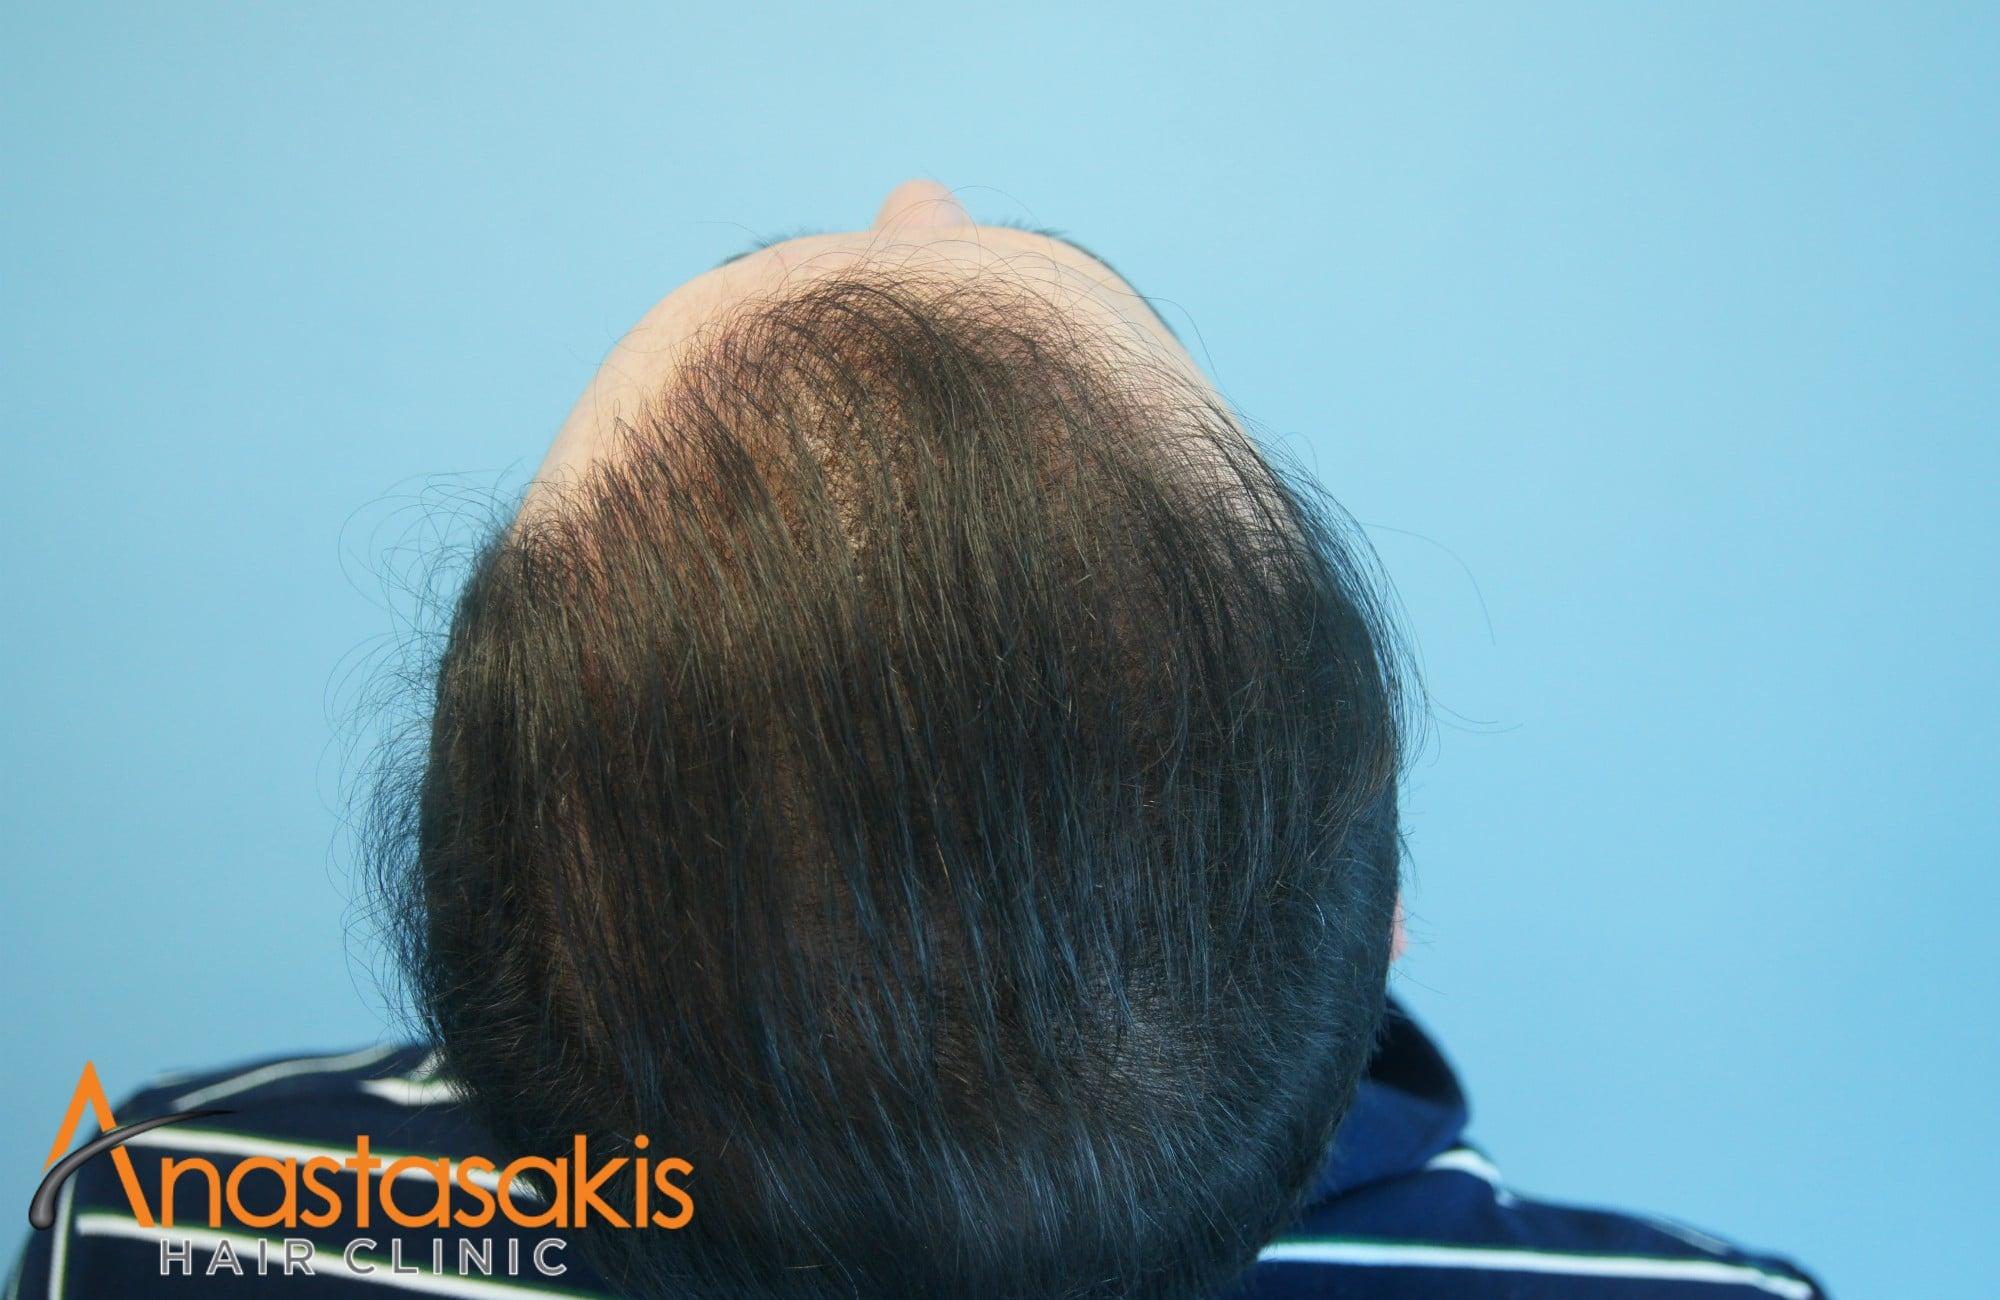 κορυφη ασθενους μετα τη μεταμοσχευση μαλλιων με 3000 fus